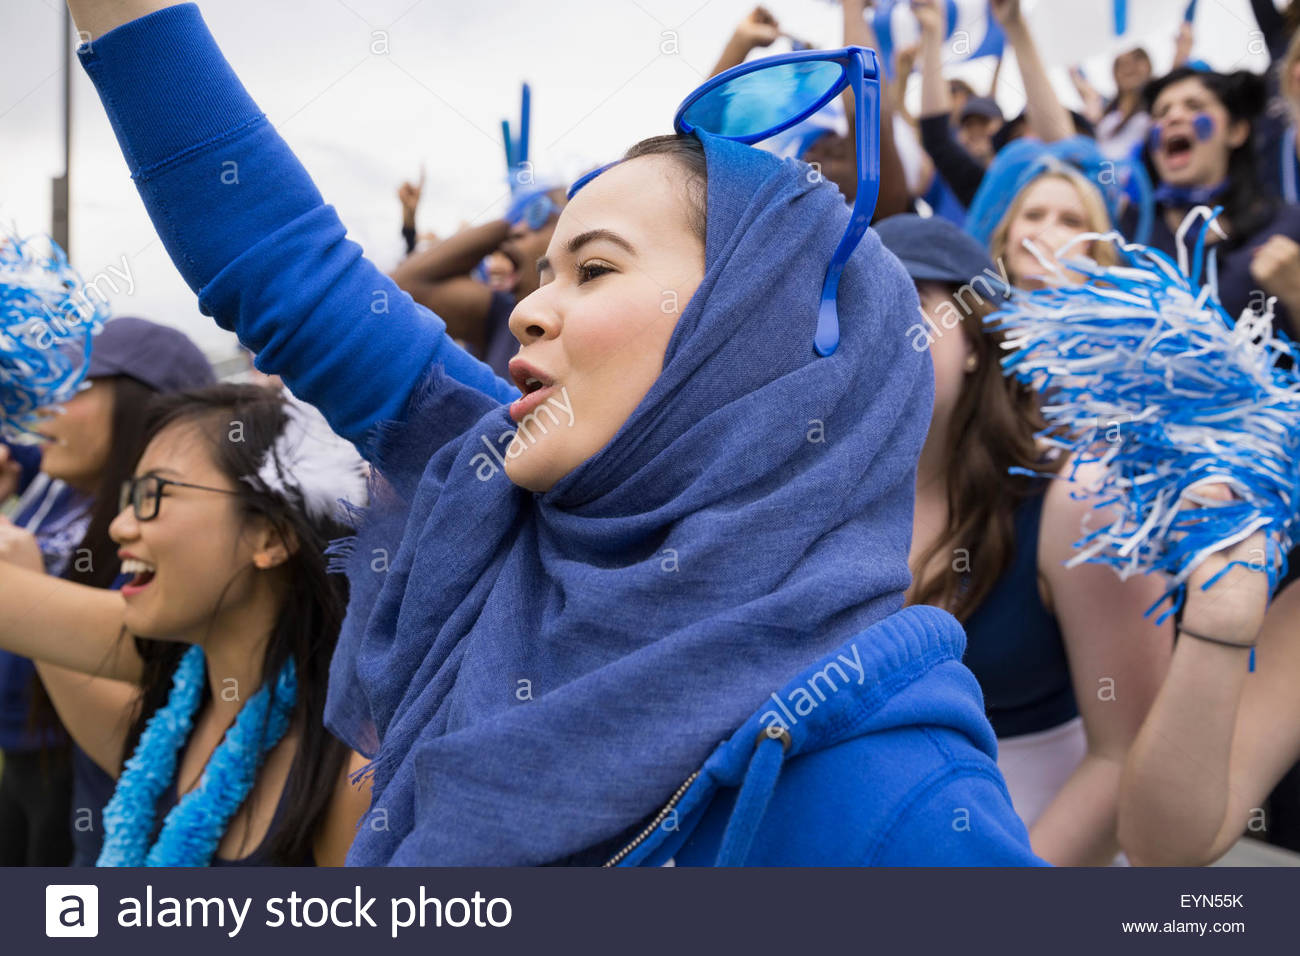 Mujer en azul el hijab vitoreando en evento deportivo Imagen De Stock